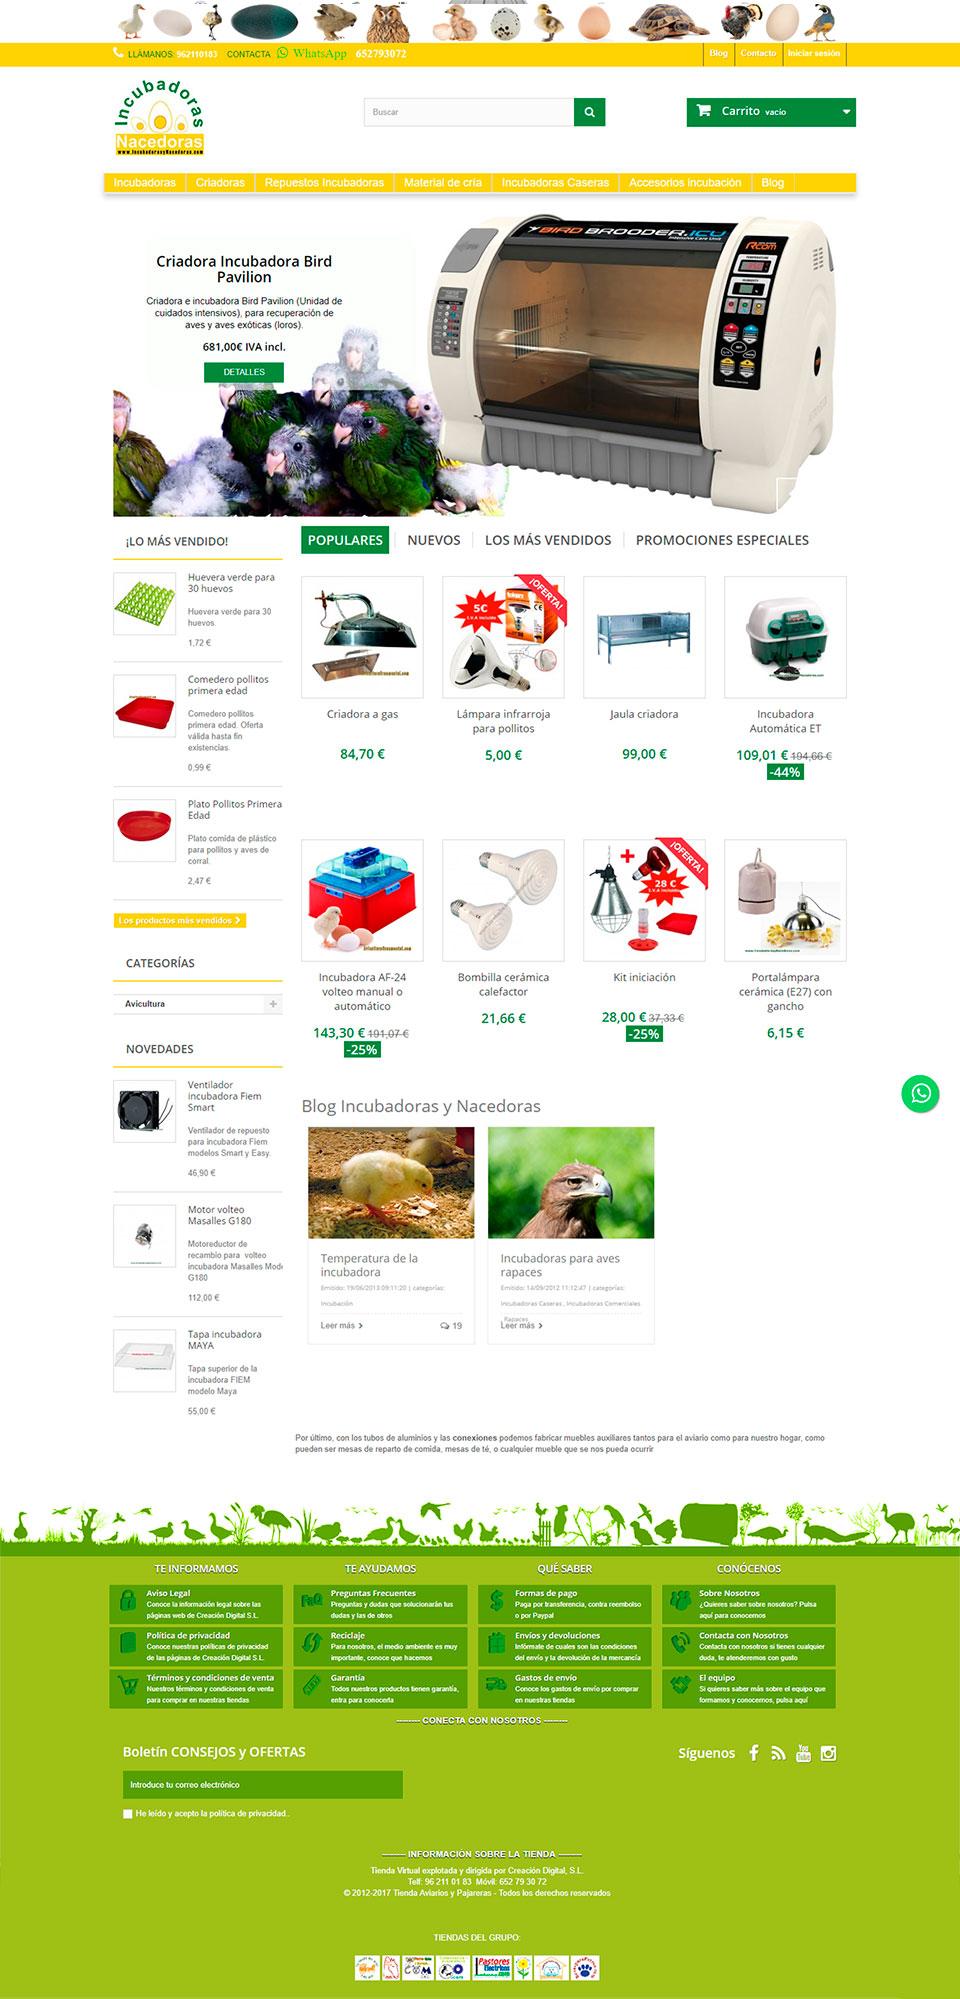 ABC Creación Digital. Tienda Online de Incubadoras y Nacedoras para todo tipo de animales